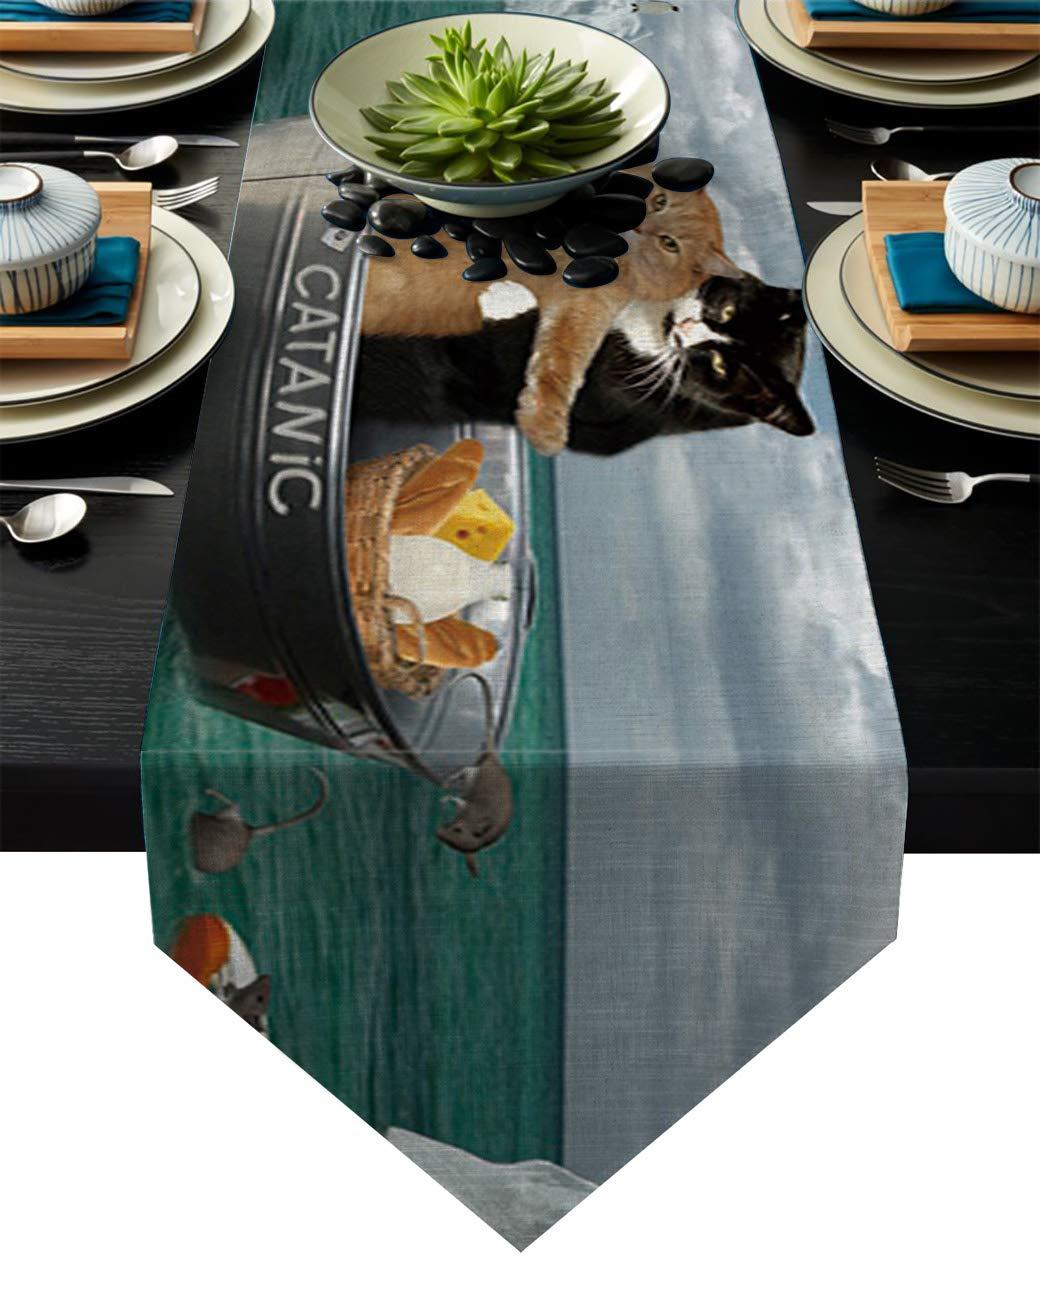 リネン麻布テーブルランナー ドレッサースカーフ ブラック&ホワイト キッチンテーブルランナー ディナーホリデーパーティー ウェディング イベントの装飾に 13 By 70 Inch 20181120-XGL-runnerSLEO01280ZQAAFAD 13 By 70 Inch Cat10fad8863 B07KQ3PY5S